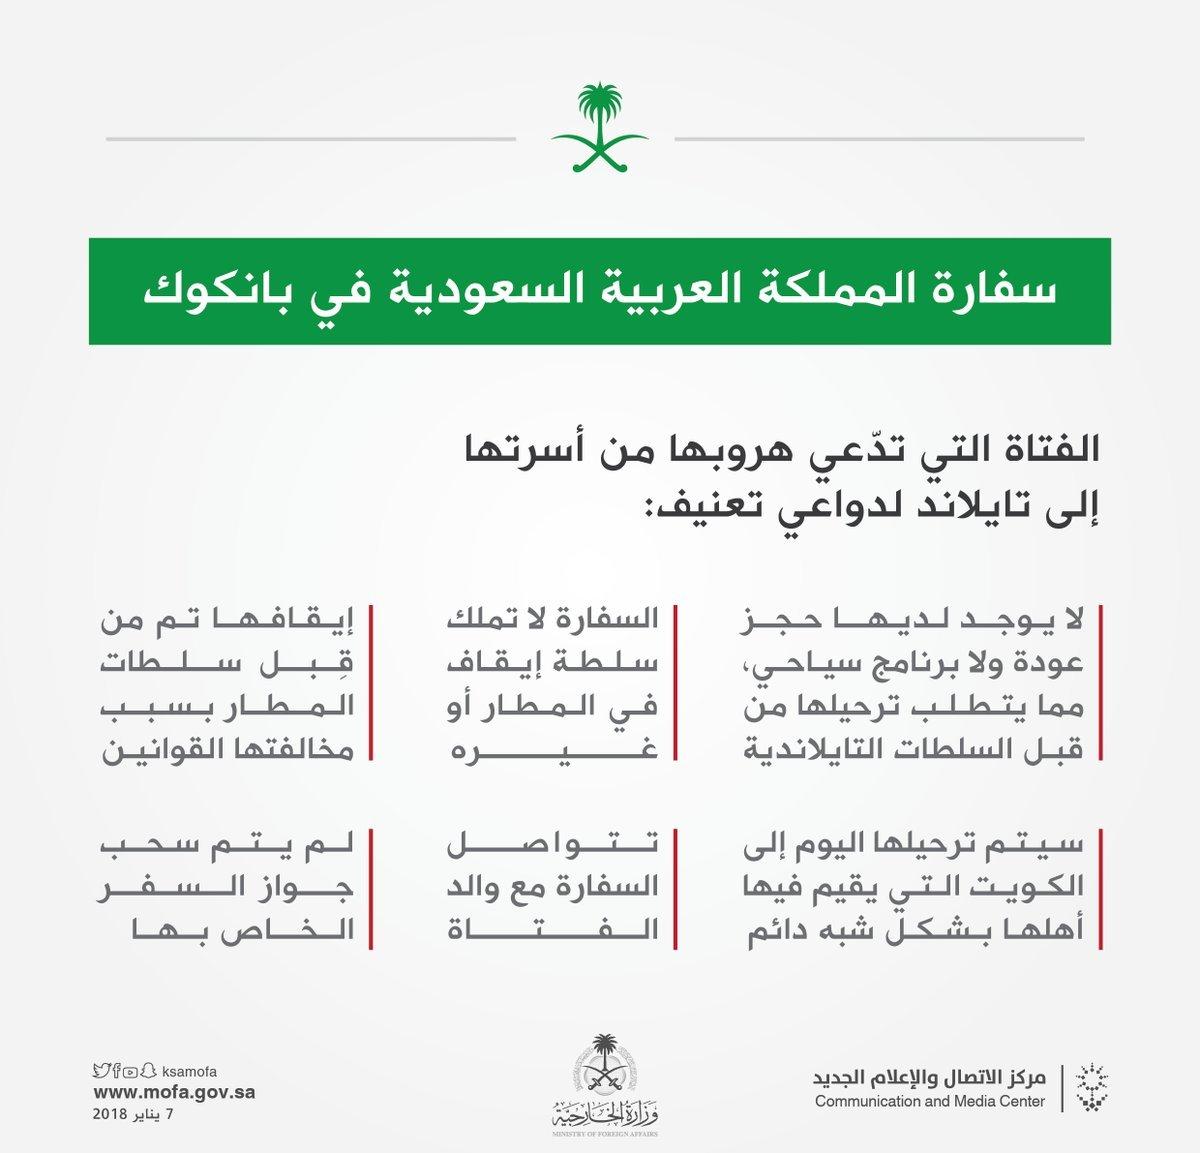 سفارة المملكة توضح حقيقة الفتاة السعودية في تايلاند